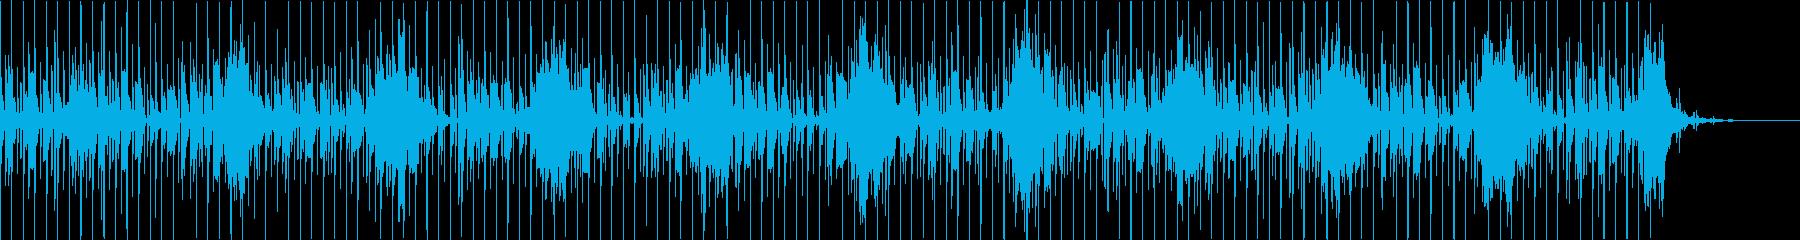 異次元空間に向かう感じのビートの再生済みの波形